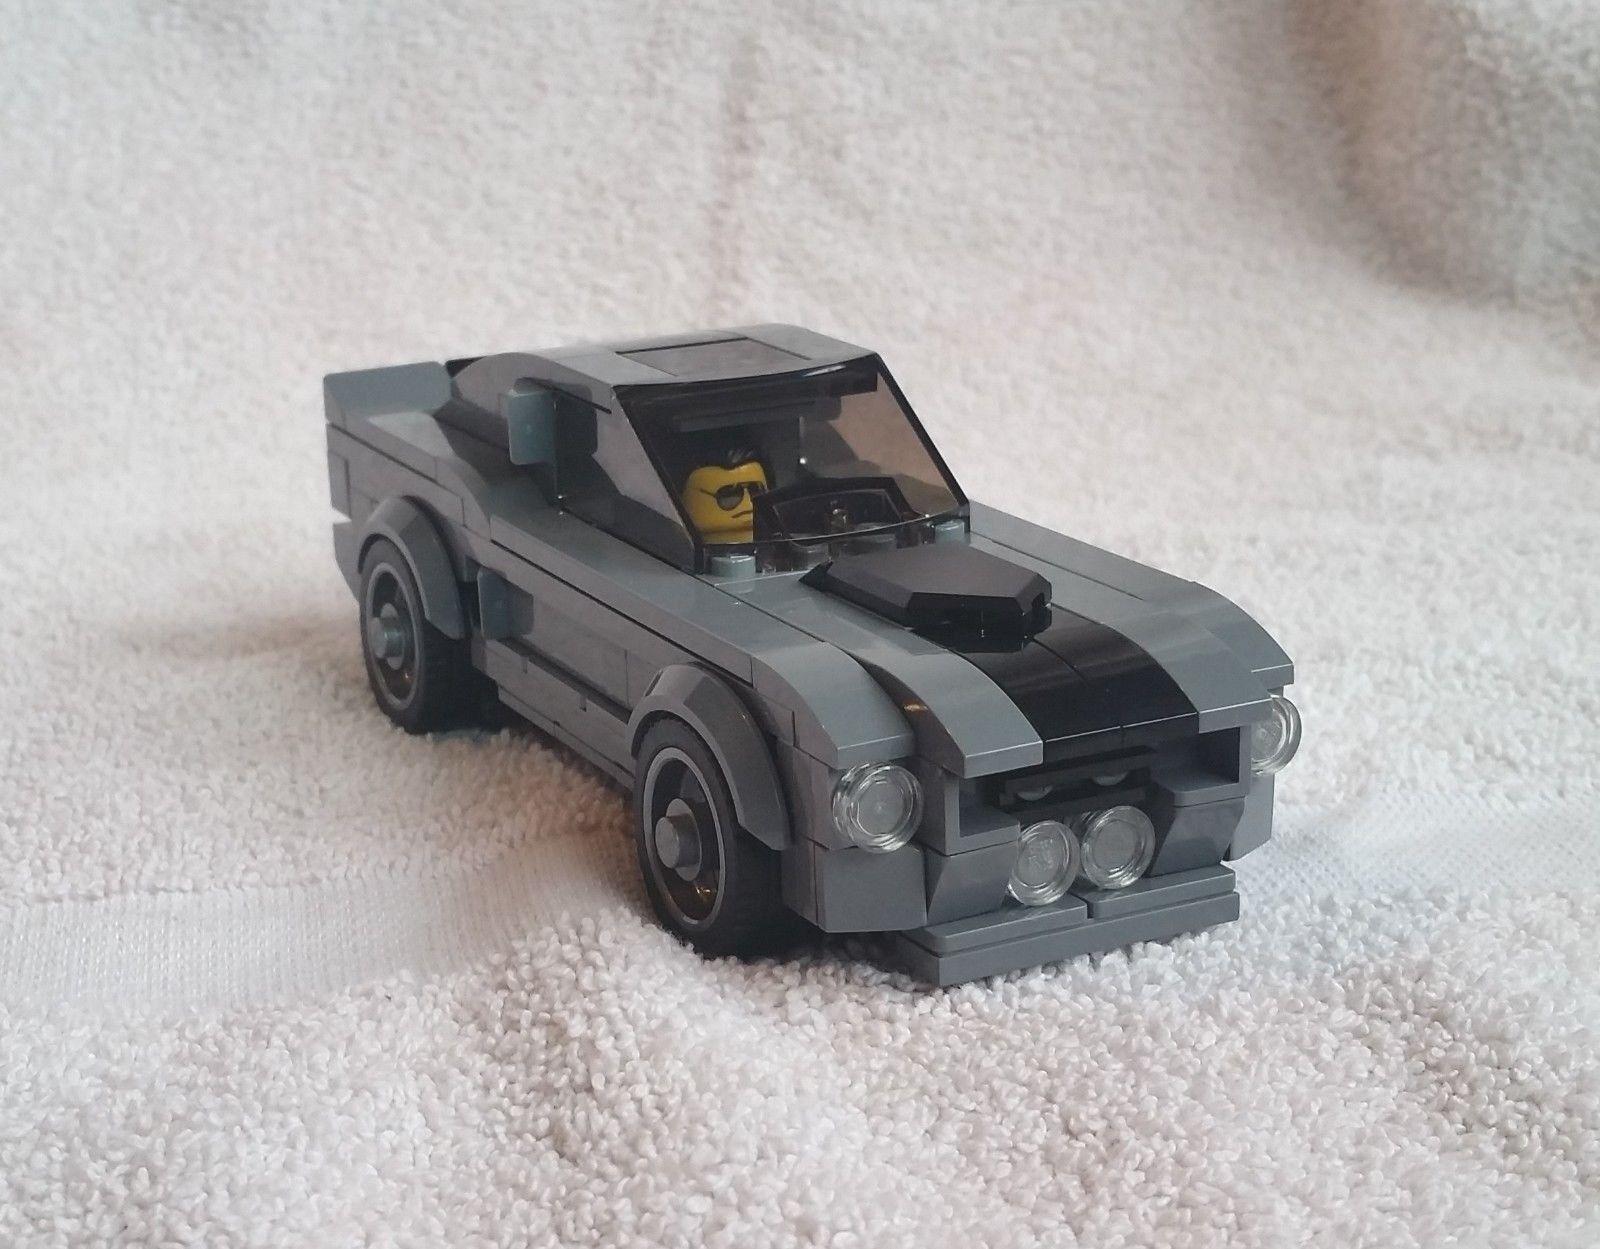 Juego de Lego Personalizado 67 Ford Mustang Fastback Eleanor ido Shelby GT500 en 60 segundos